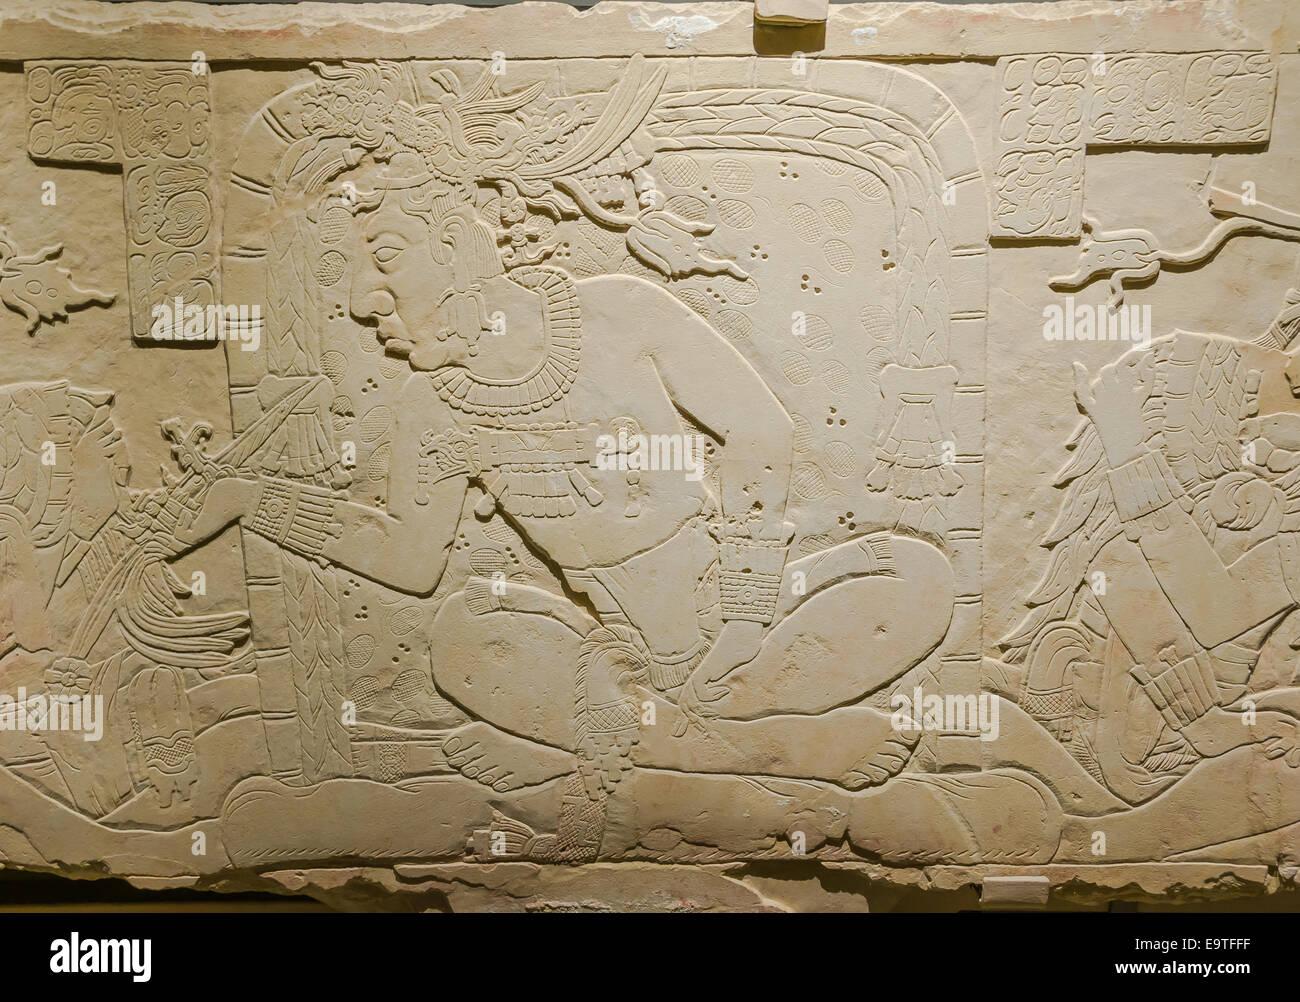 Pierre de l'autosacrifice, détail, exposition 'Mayas', Musée du Quai Branly, Paris - Stock Image